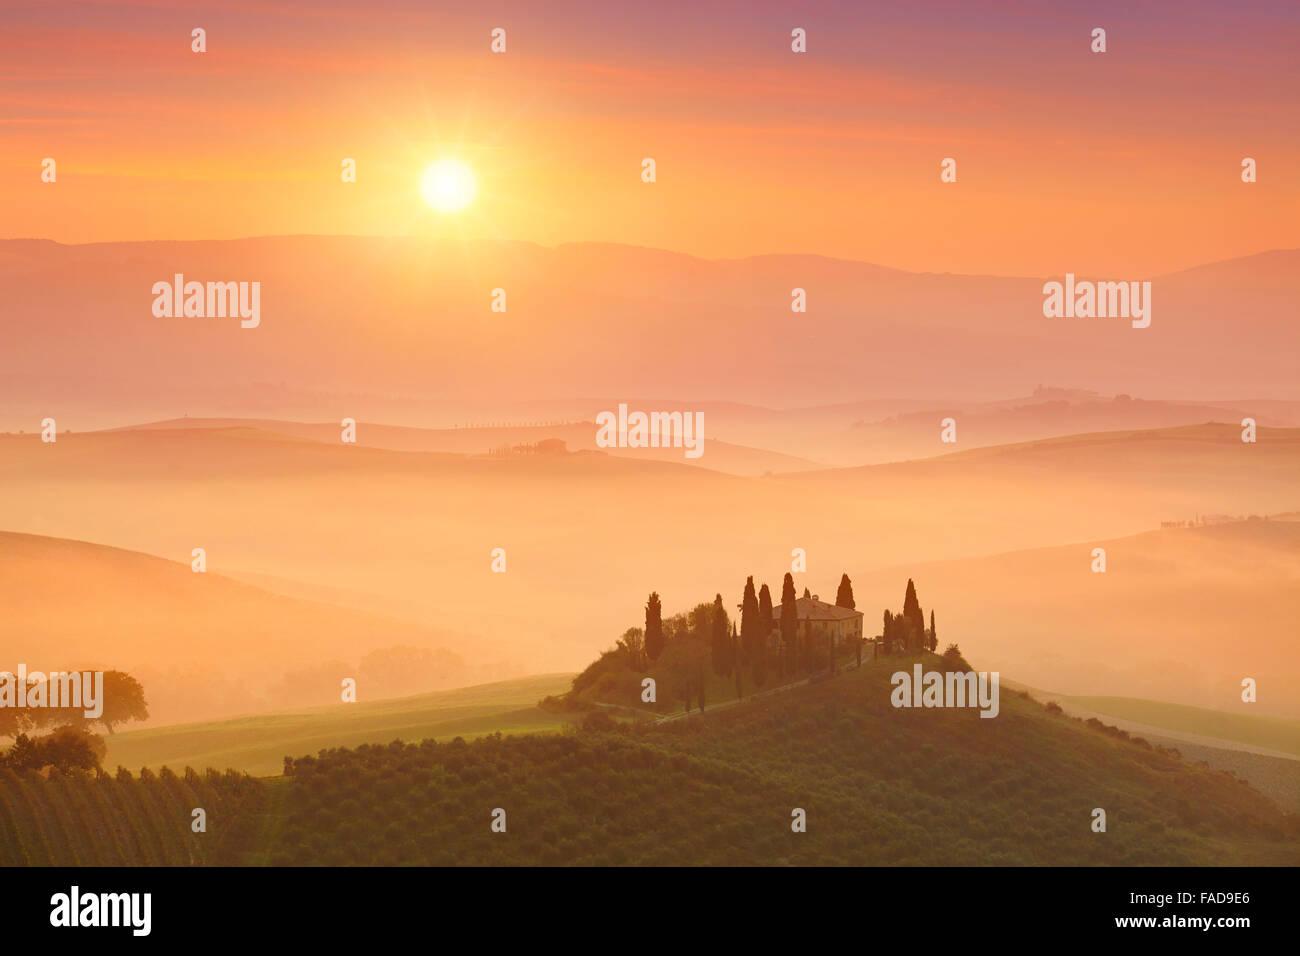 Paysages de la Toscane le lever du soleil, Val d'orcia, Italie Photo Stock